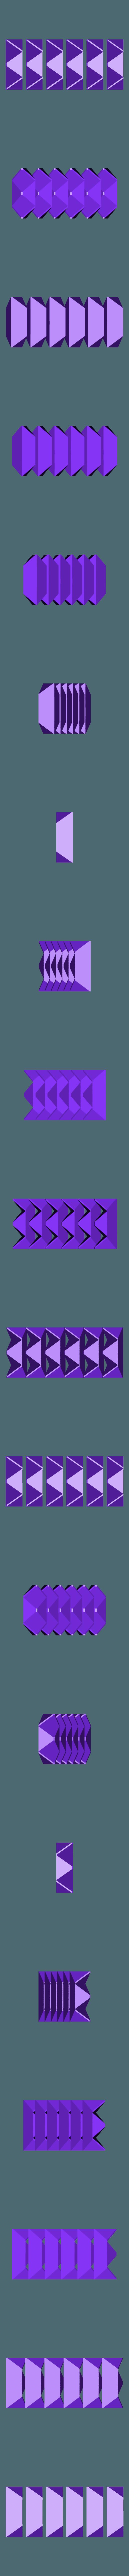 puzzle_small.stl Télécharger fichier STL gratuit Puzzle 6 pièces 2 • Modèle pour imprimante 3D, tylerebowers